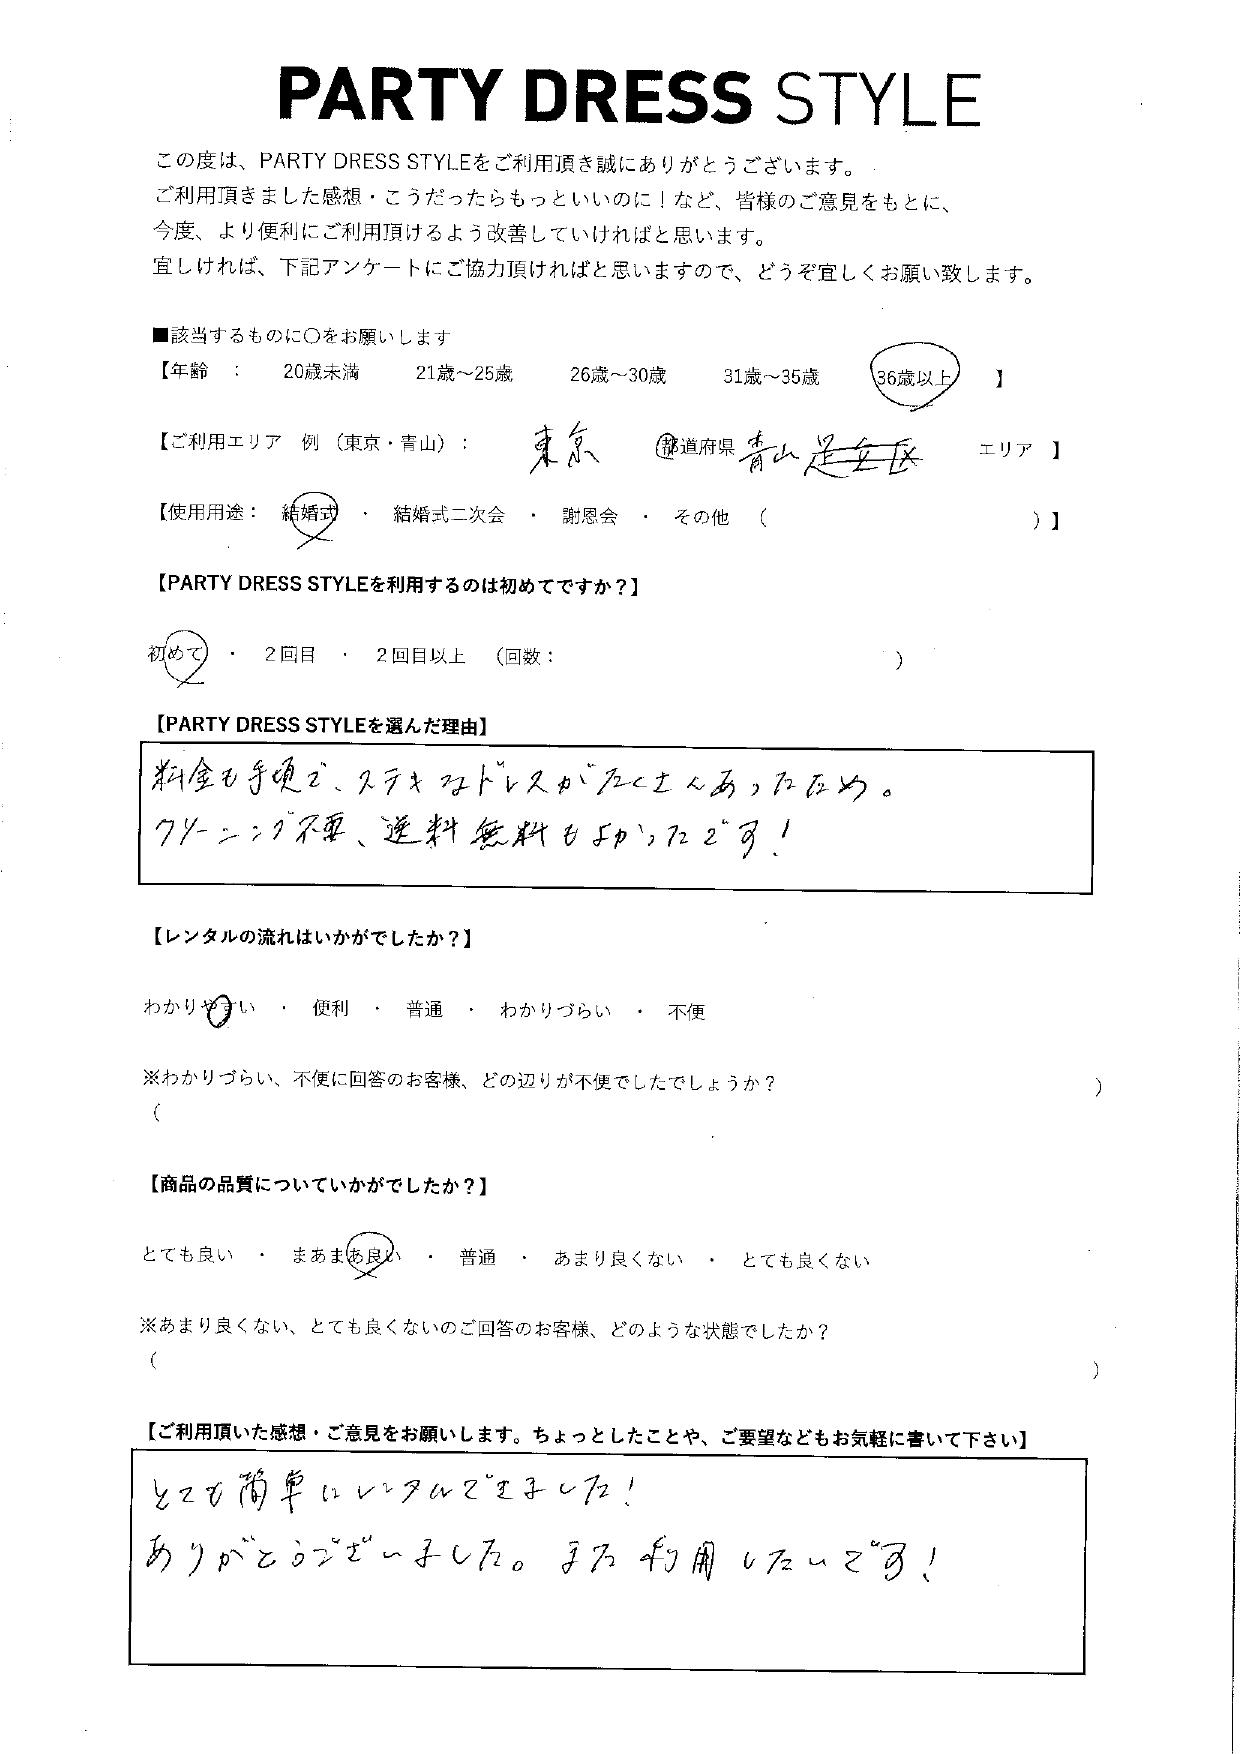 11/7結婚式ご利用 東京・青山エリア